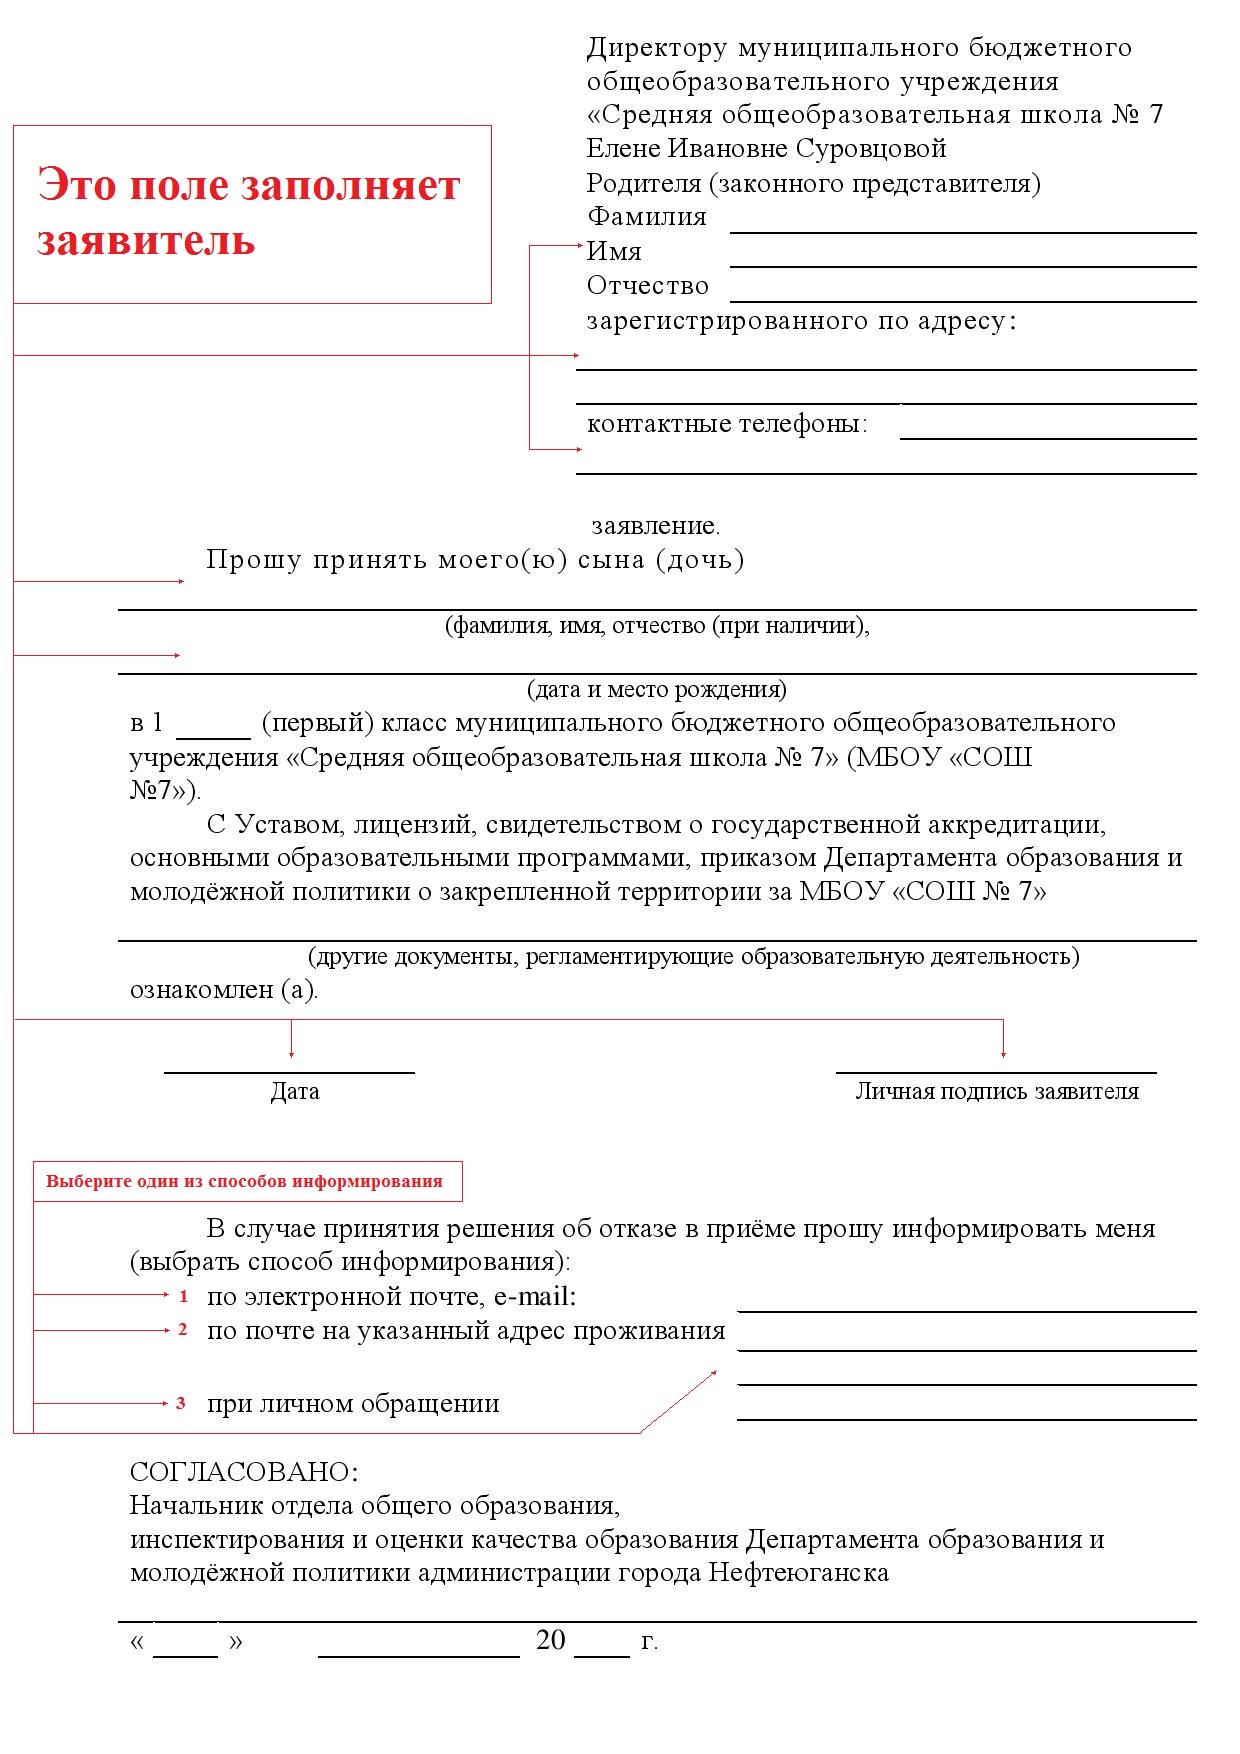 1с 8 2 бланк командировочного удостоверения